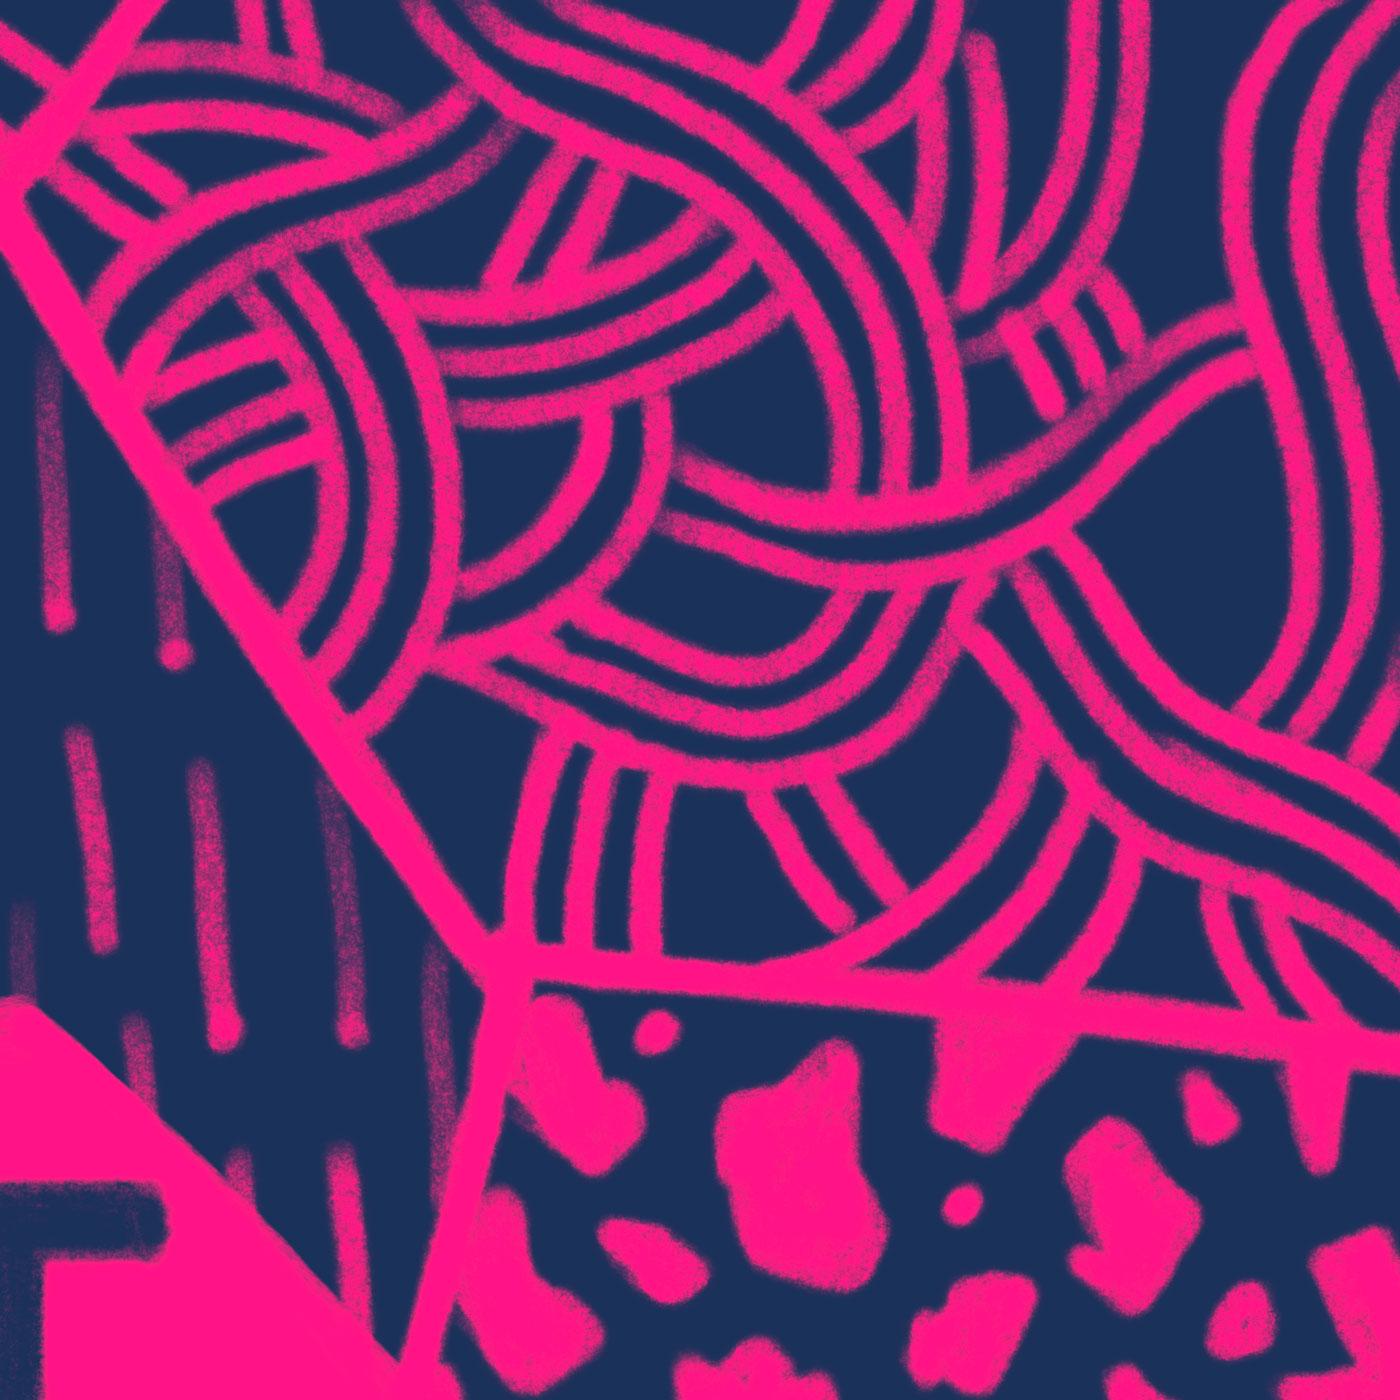 Art-Show-Poster-Detail